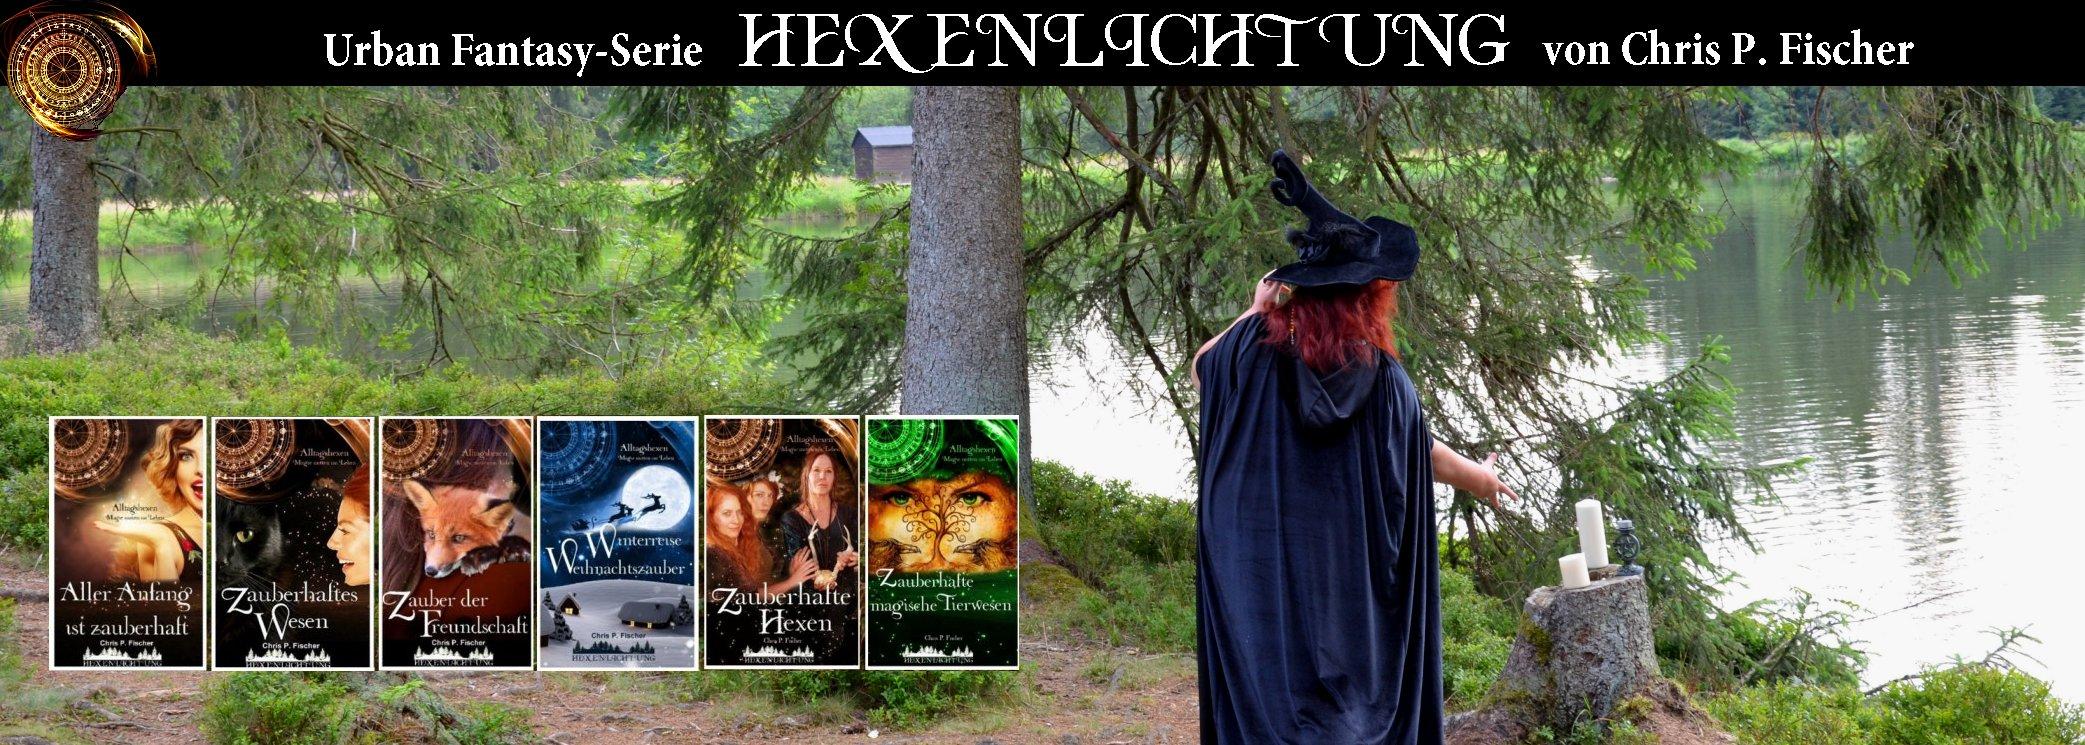 Hexenblog - Magisches aus der Hexenlichtung